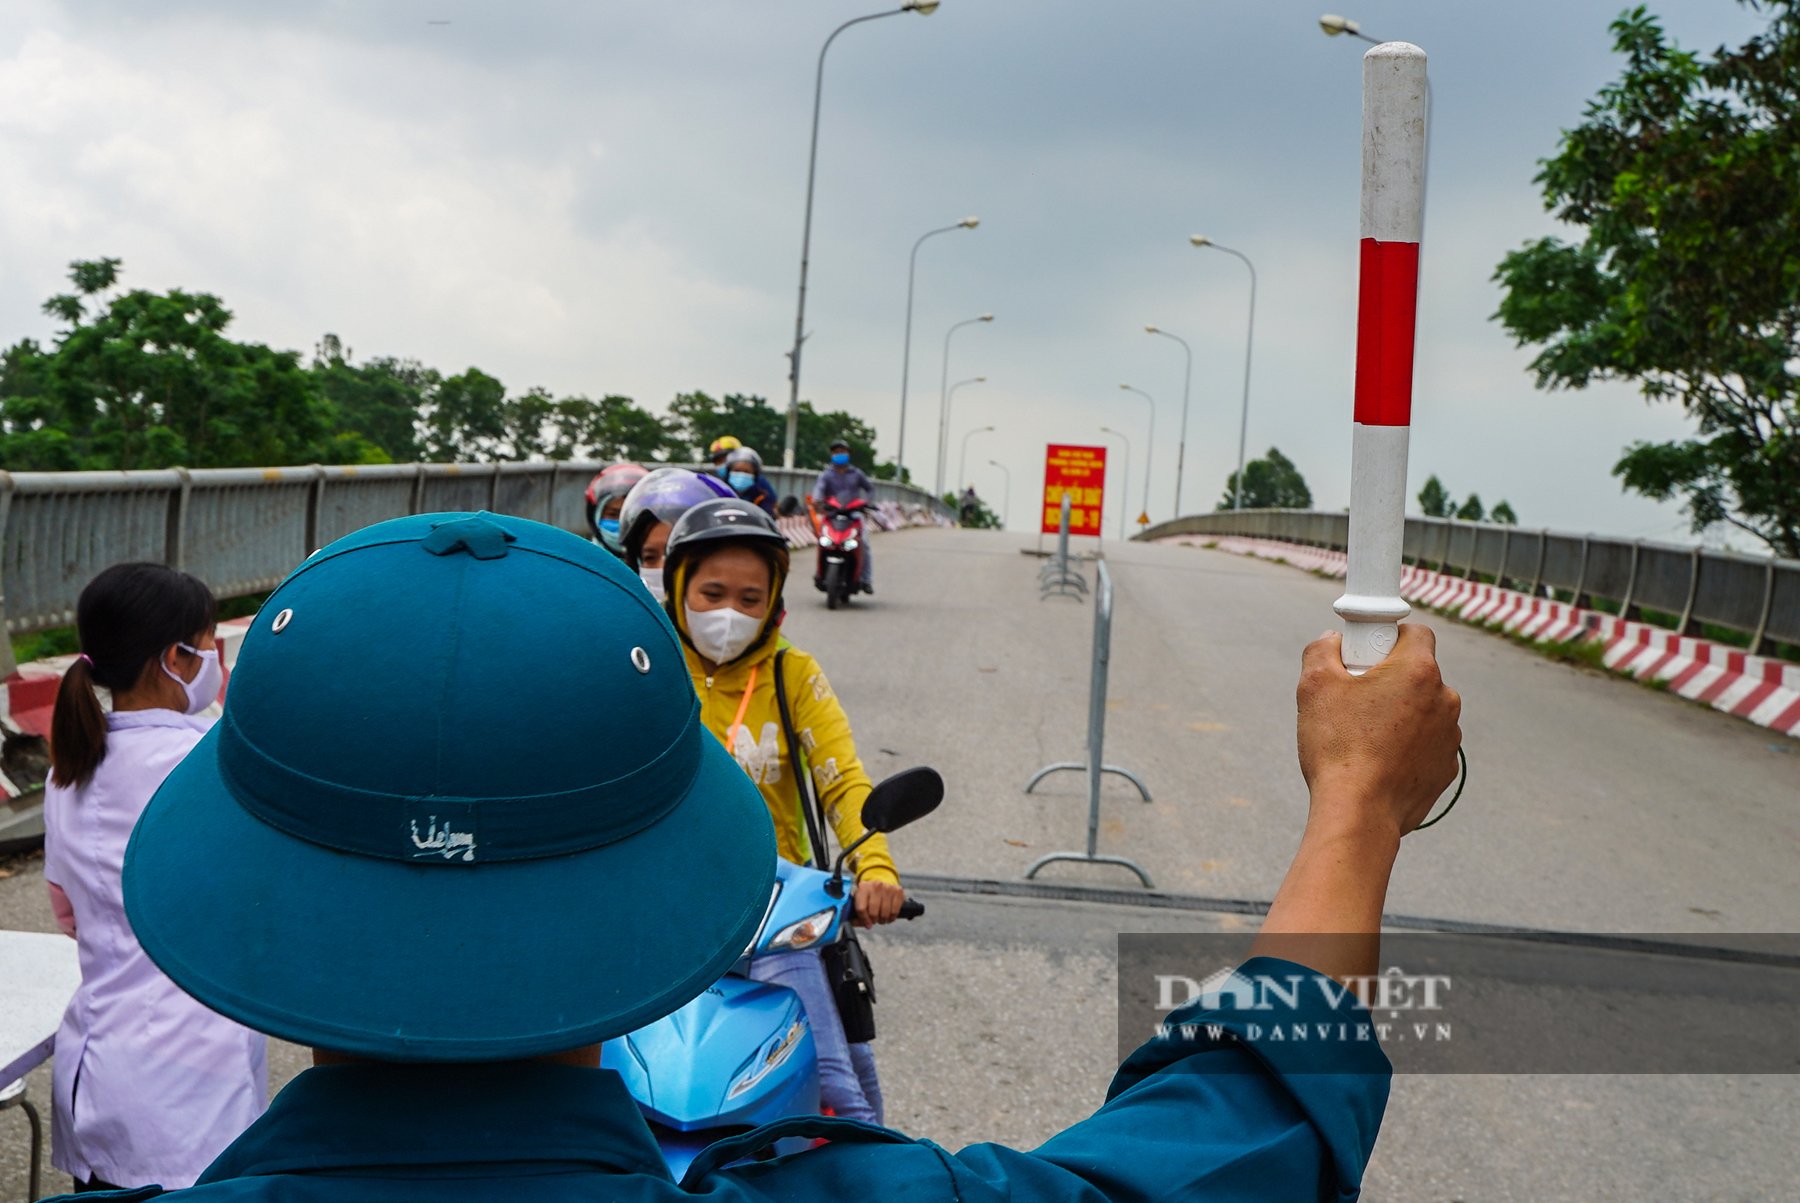 Hà Nội: Đổ đất, dựng rào phòng dịch tại các nơi tiếp giáp Bắc Giang, Bắc Ninh - Ảnh 5.